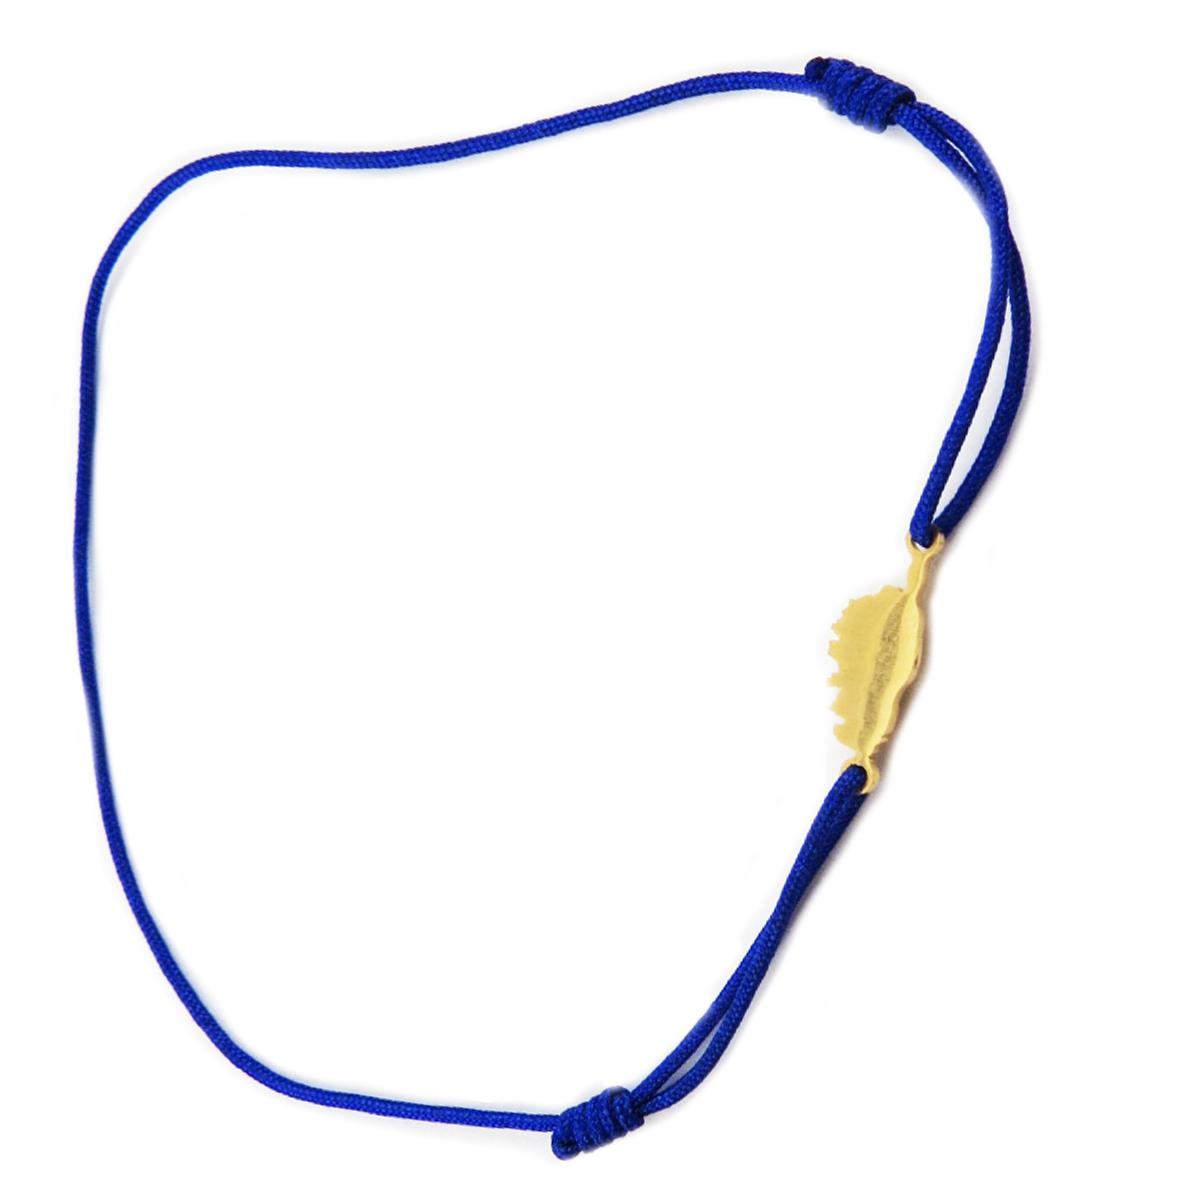 Bracelet acier \'Corsica\' bleu roi doré (corse) - 10x7 mm - [R0169]